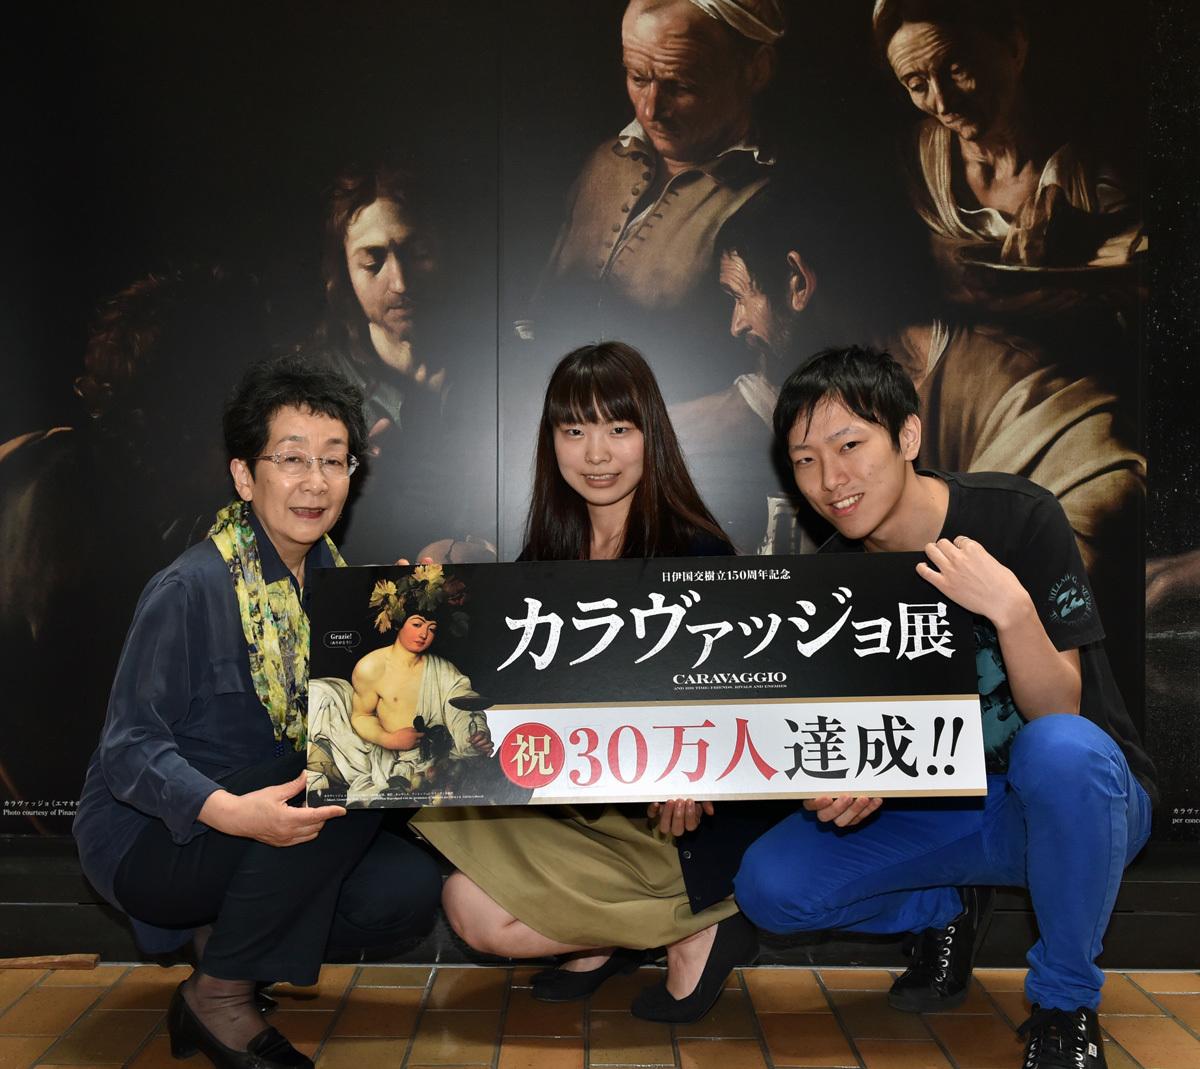 (左から)馬渕館長、熊谷 果南帆さん、井上 雄太さん